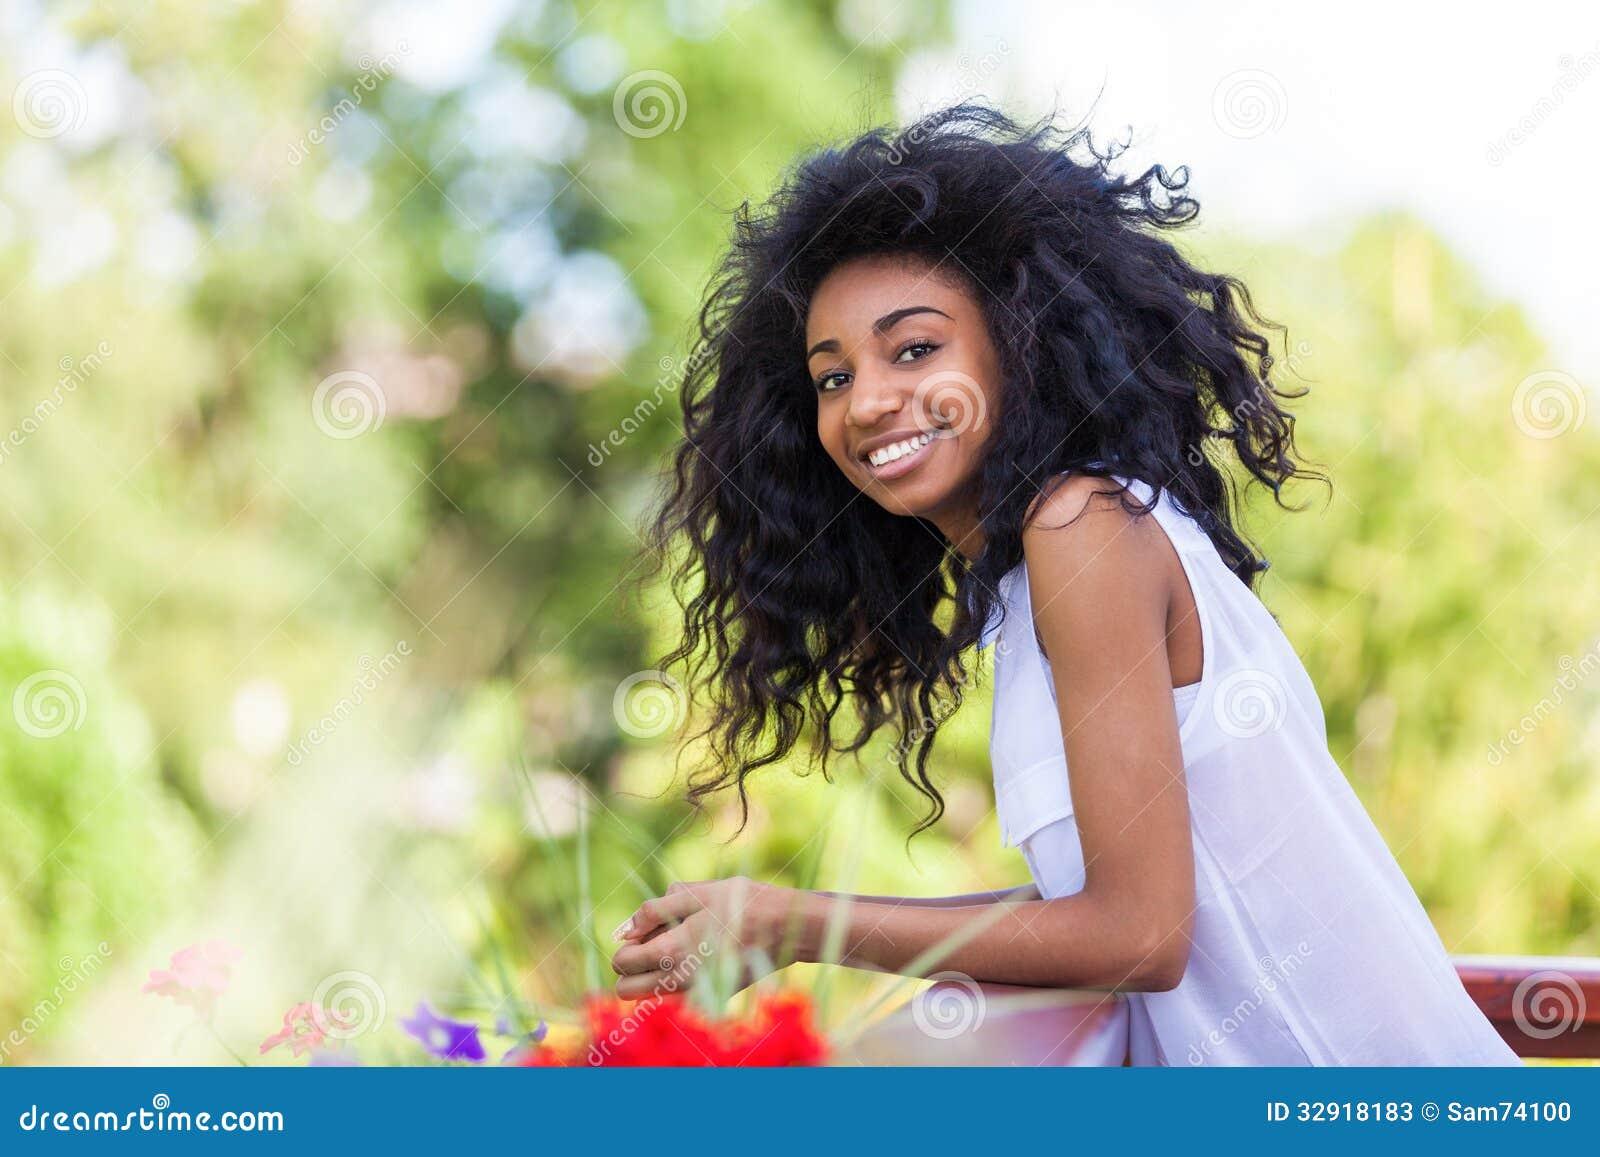 Openluchtportret van een tiener zwart meisje afrikaanse mensen stock foto 39 s afbeelding 32918183 - Tiener meisje foto ...